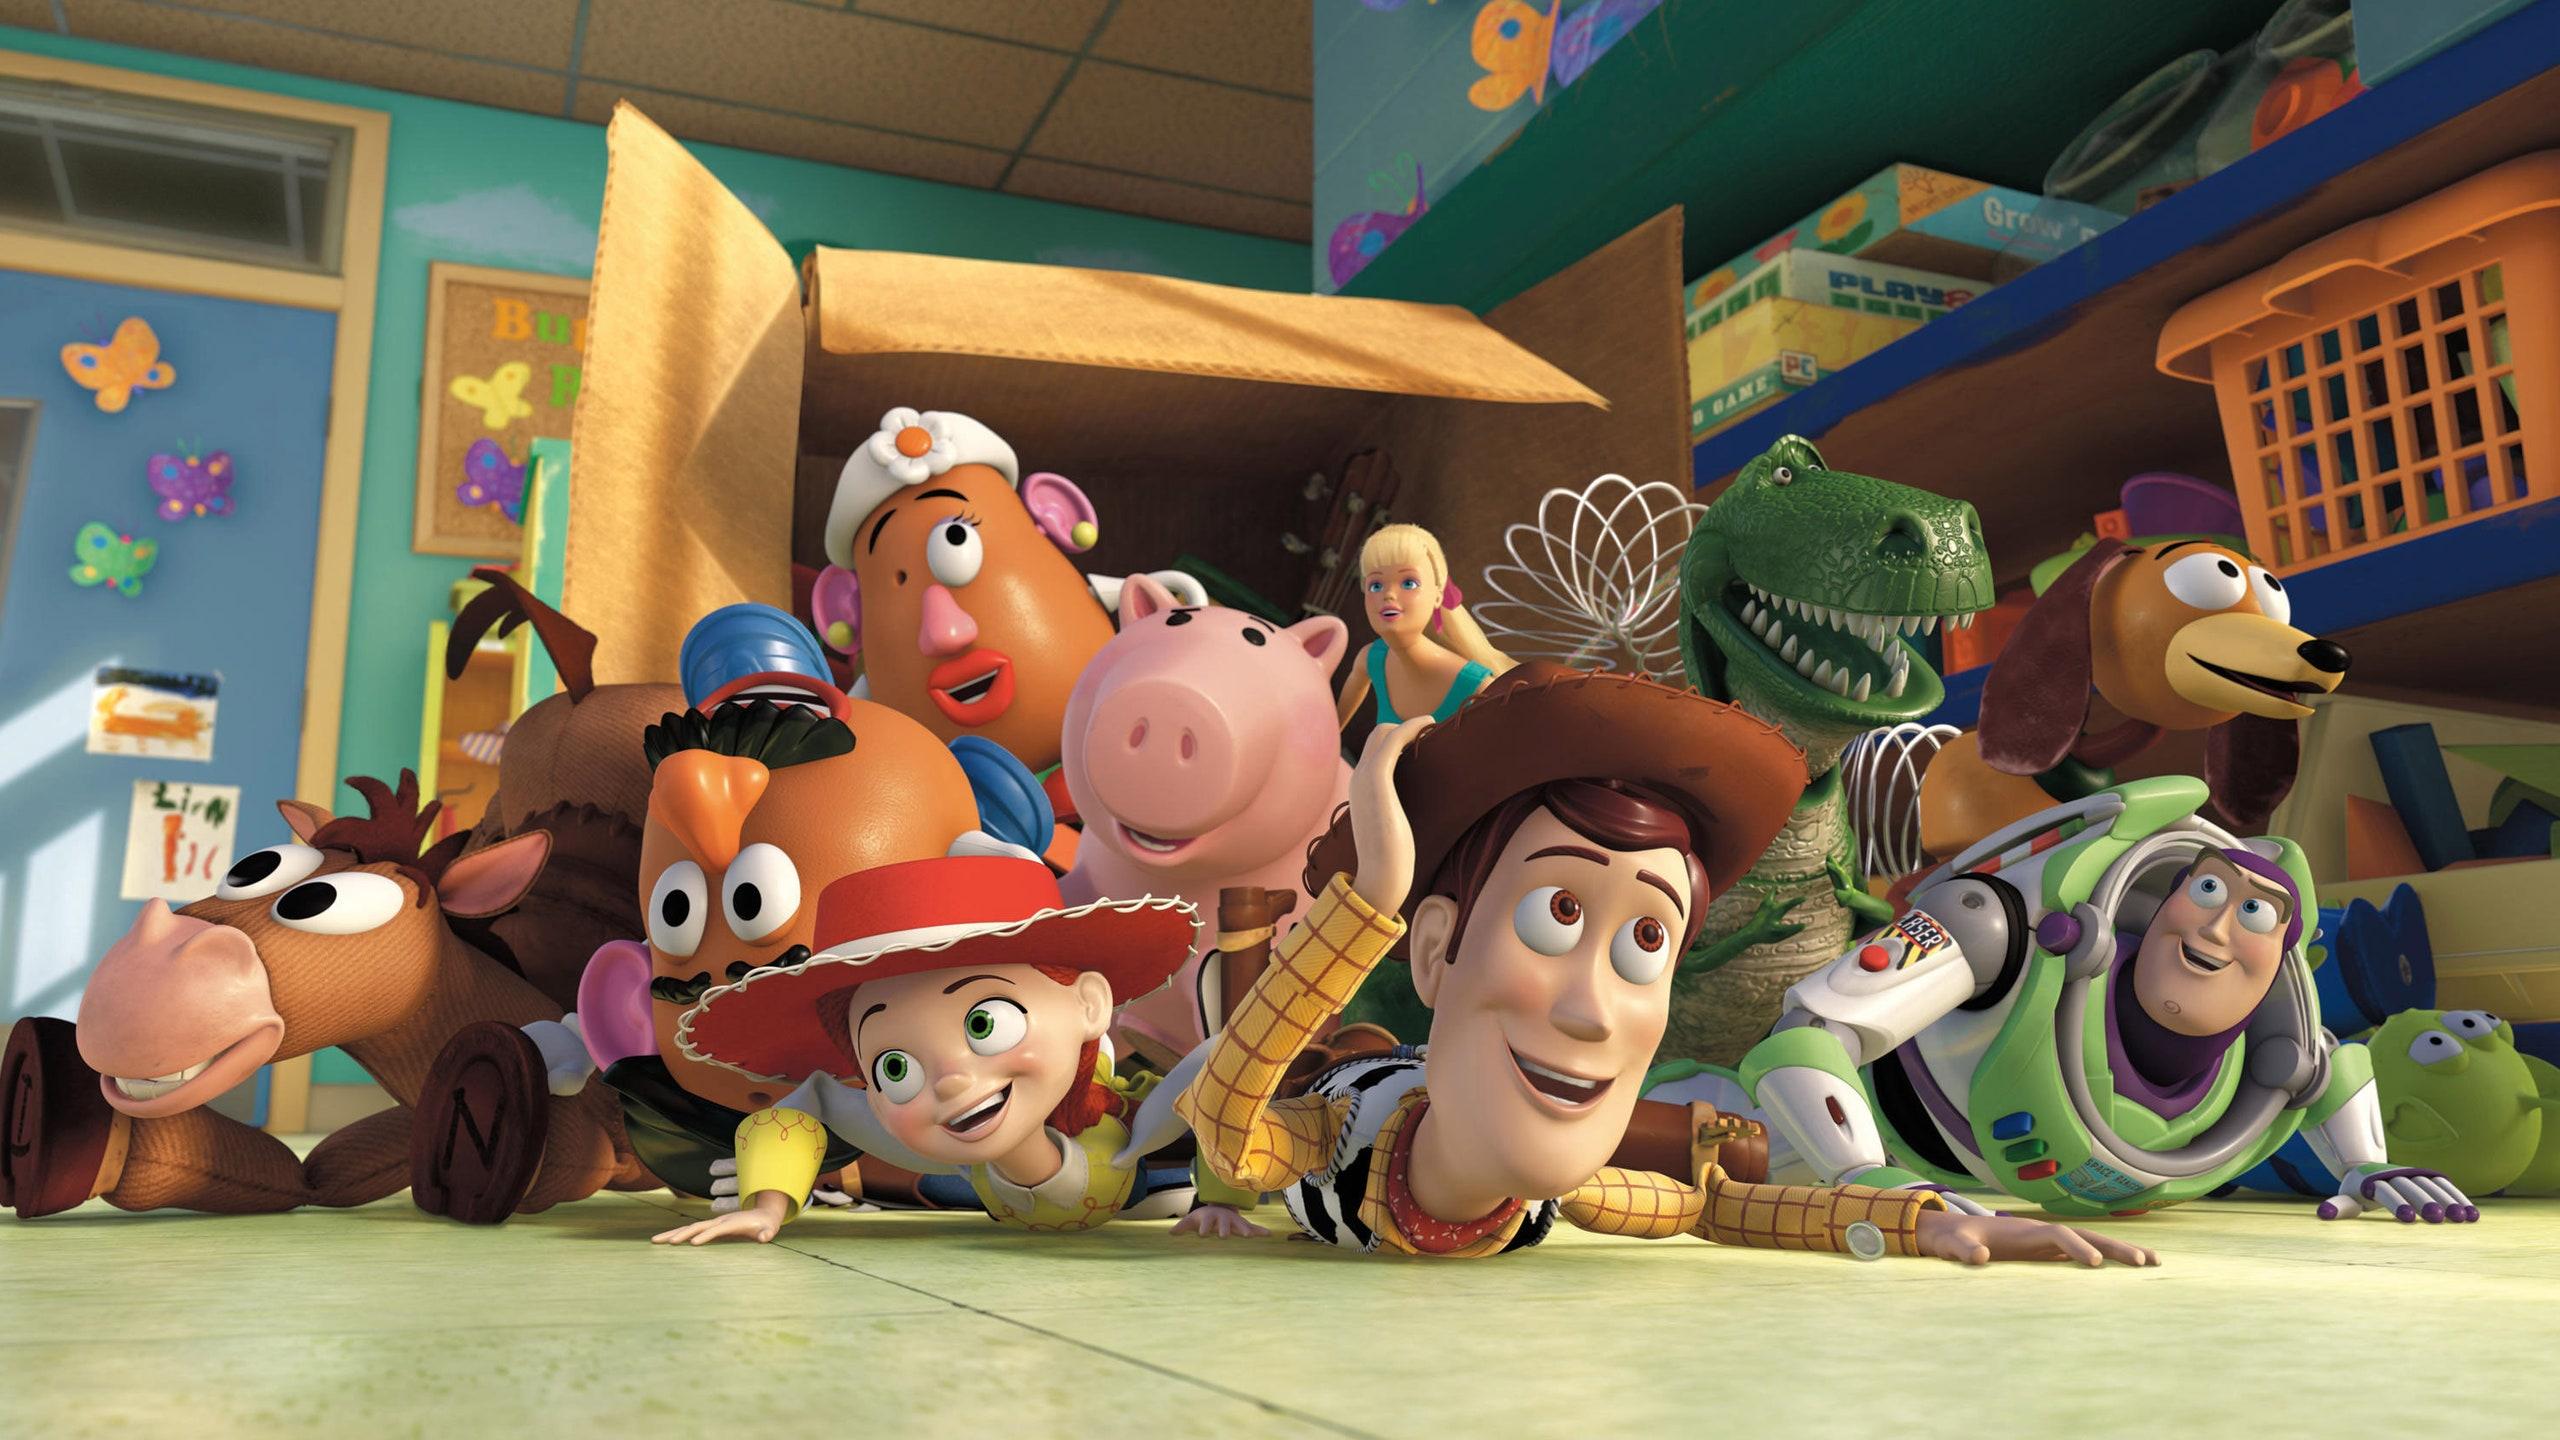 Toy Story cumple 25 años: Un sueño que revolucionó el cine de animación